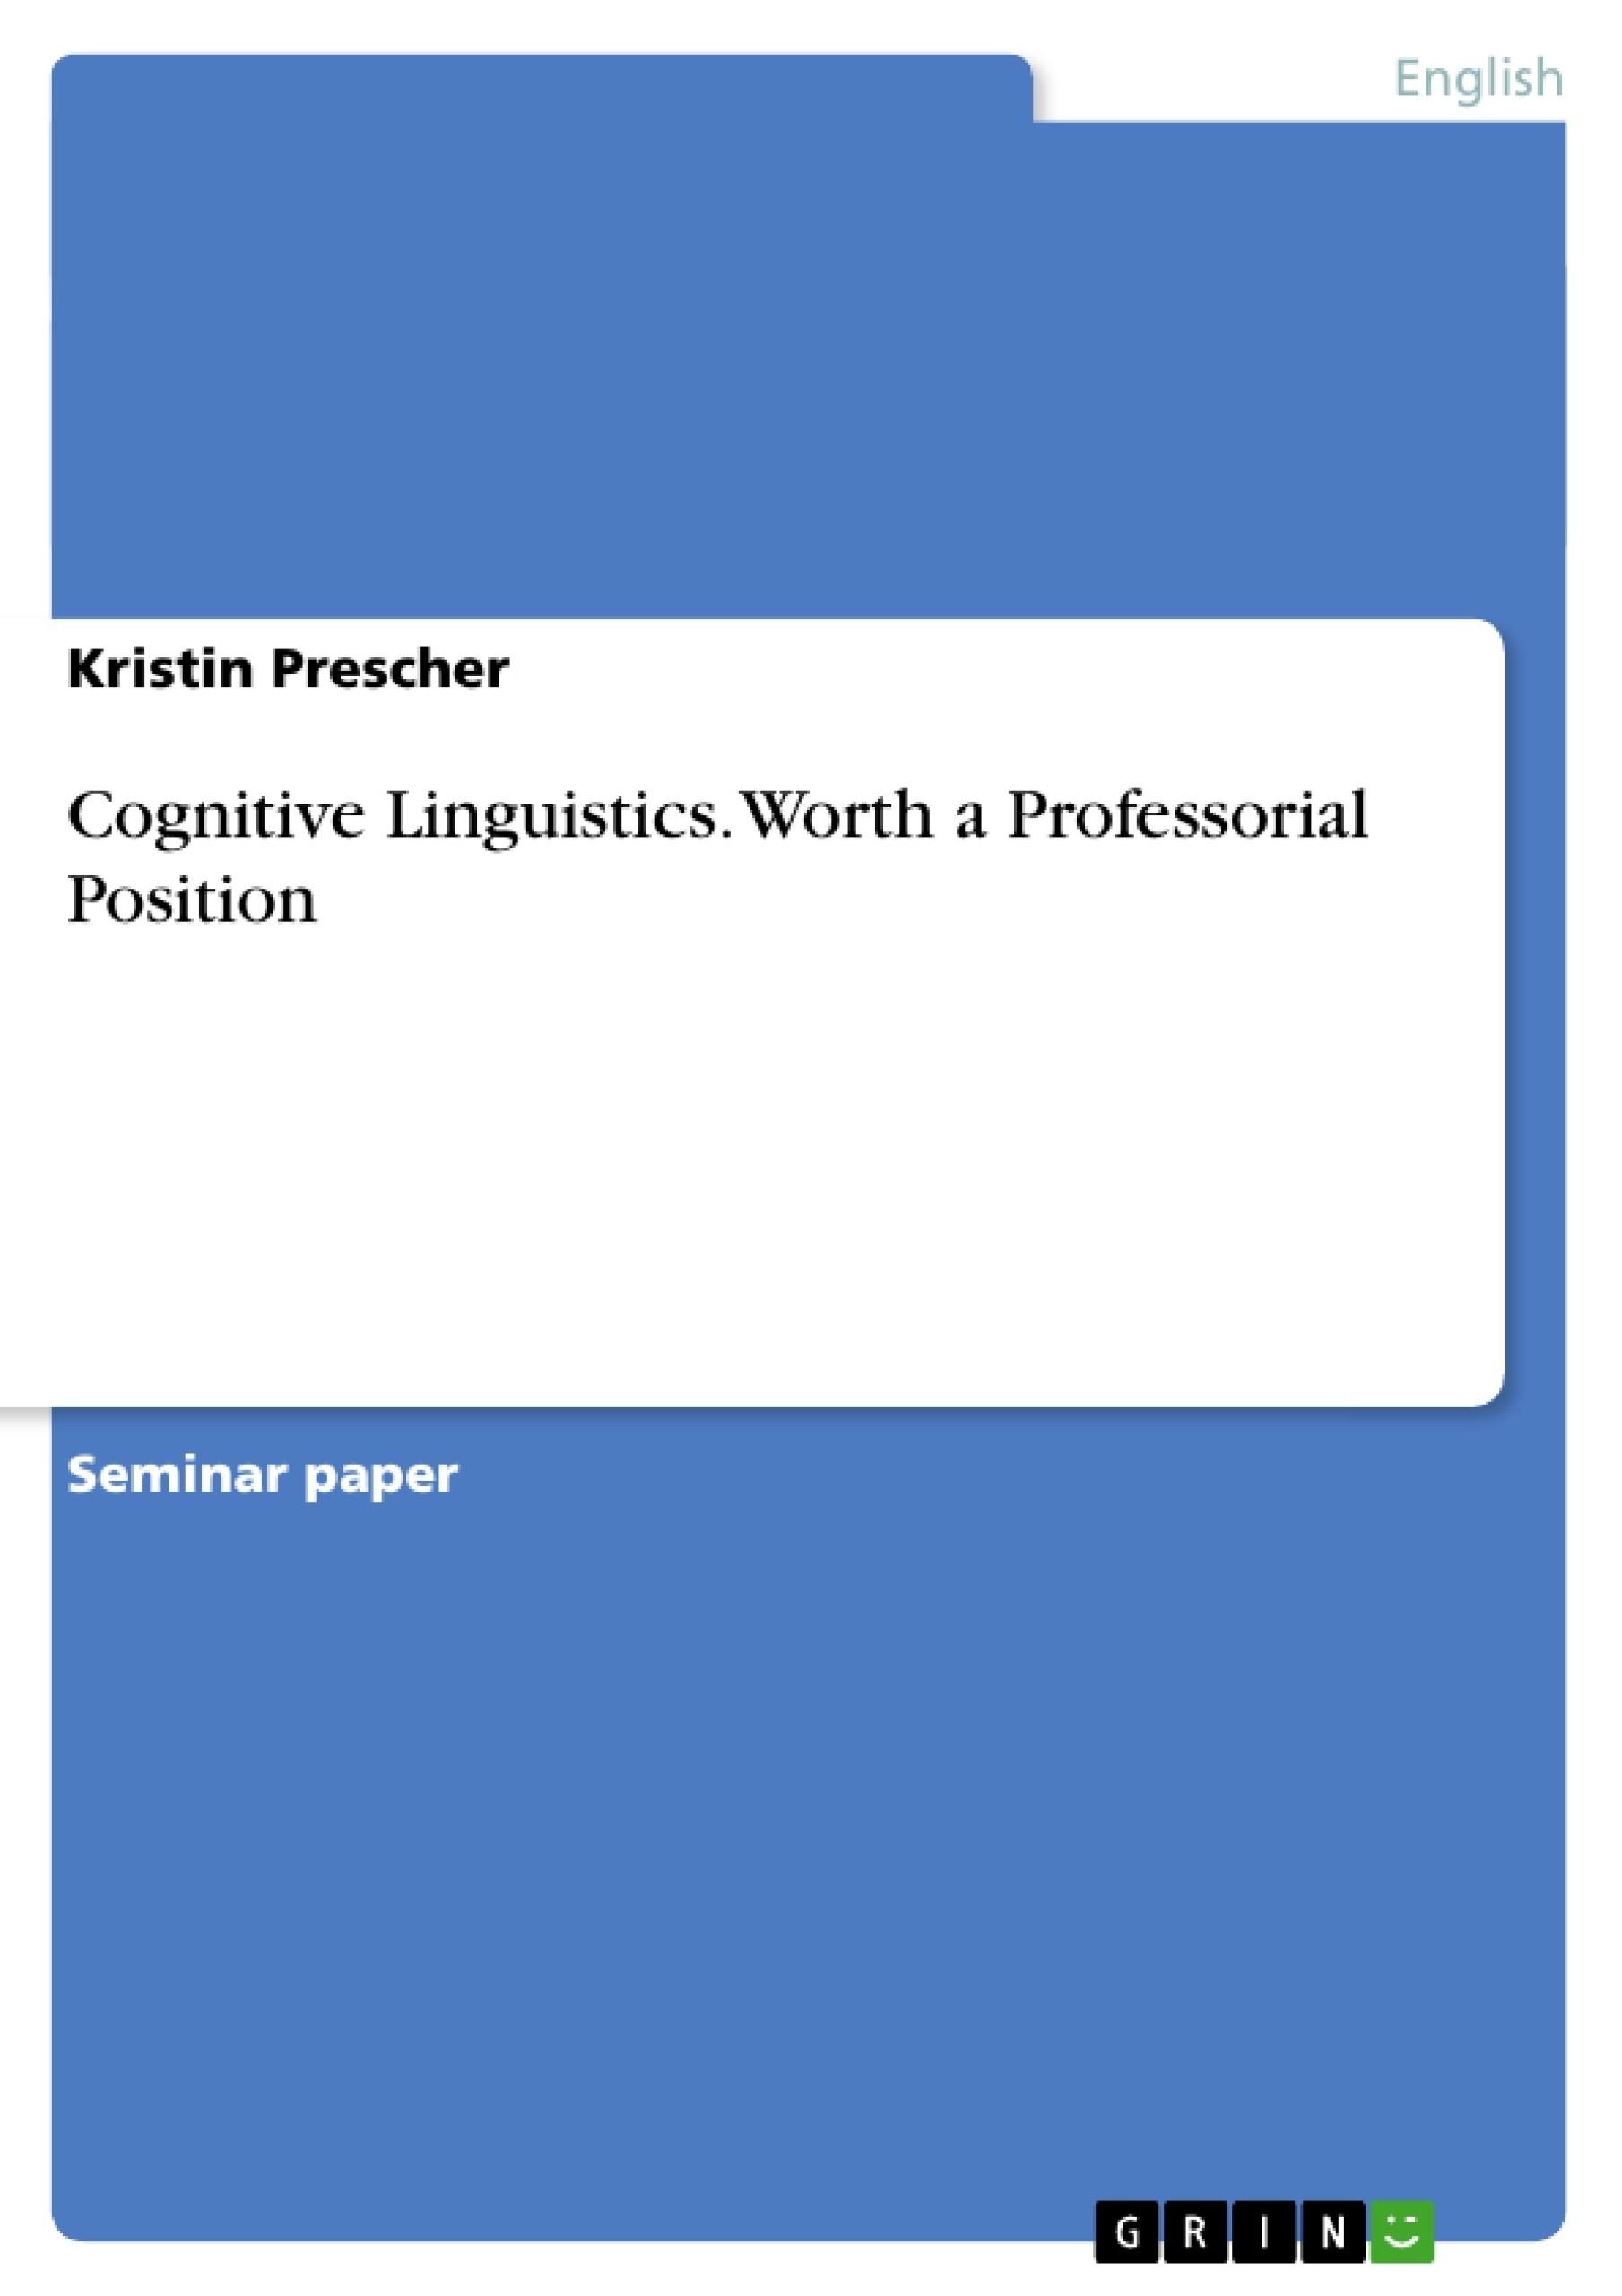 Title: Cognitive Linguistics. Worth a Professorial Position